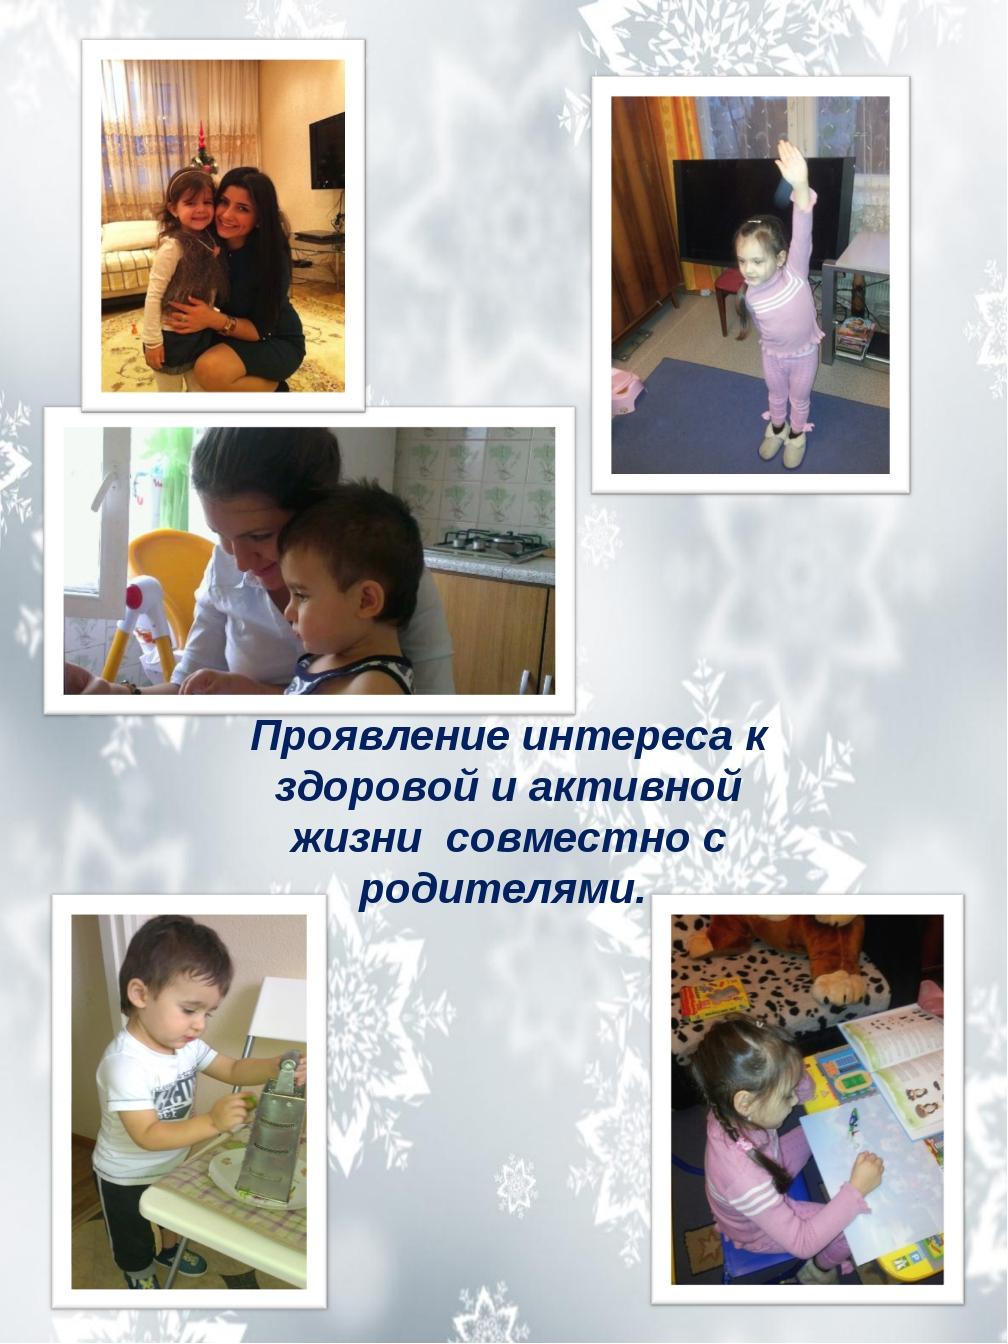 Проявление интереса к здоровой и активной жизни совместно с родителями.